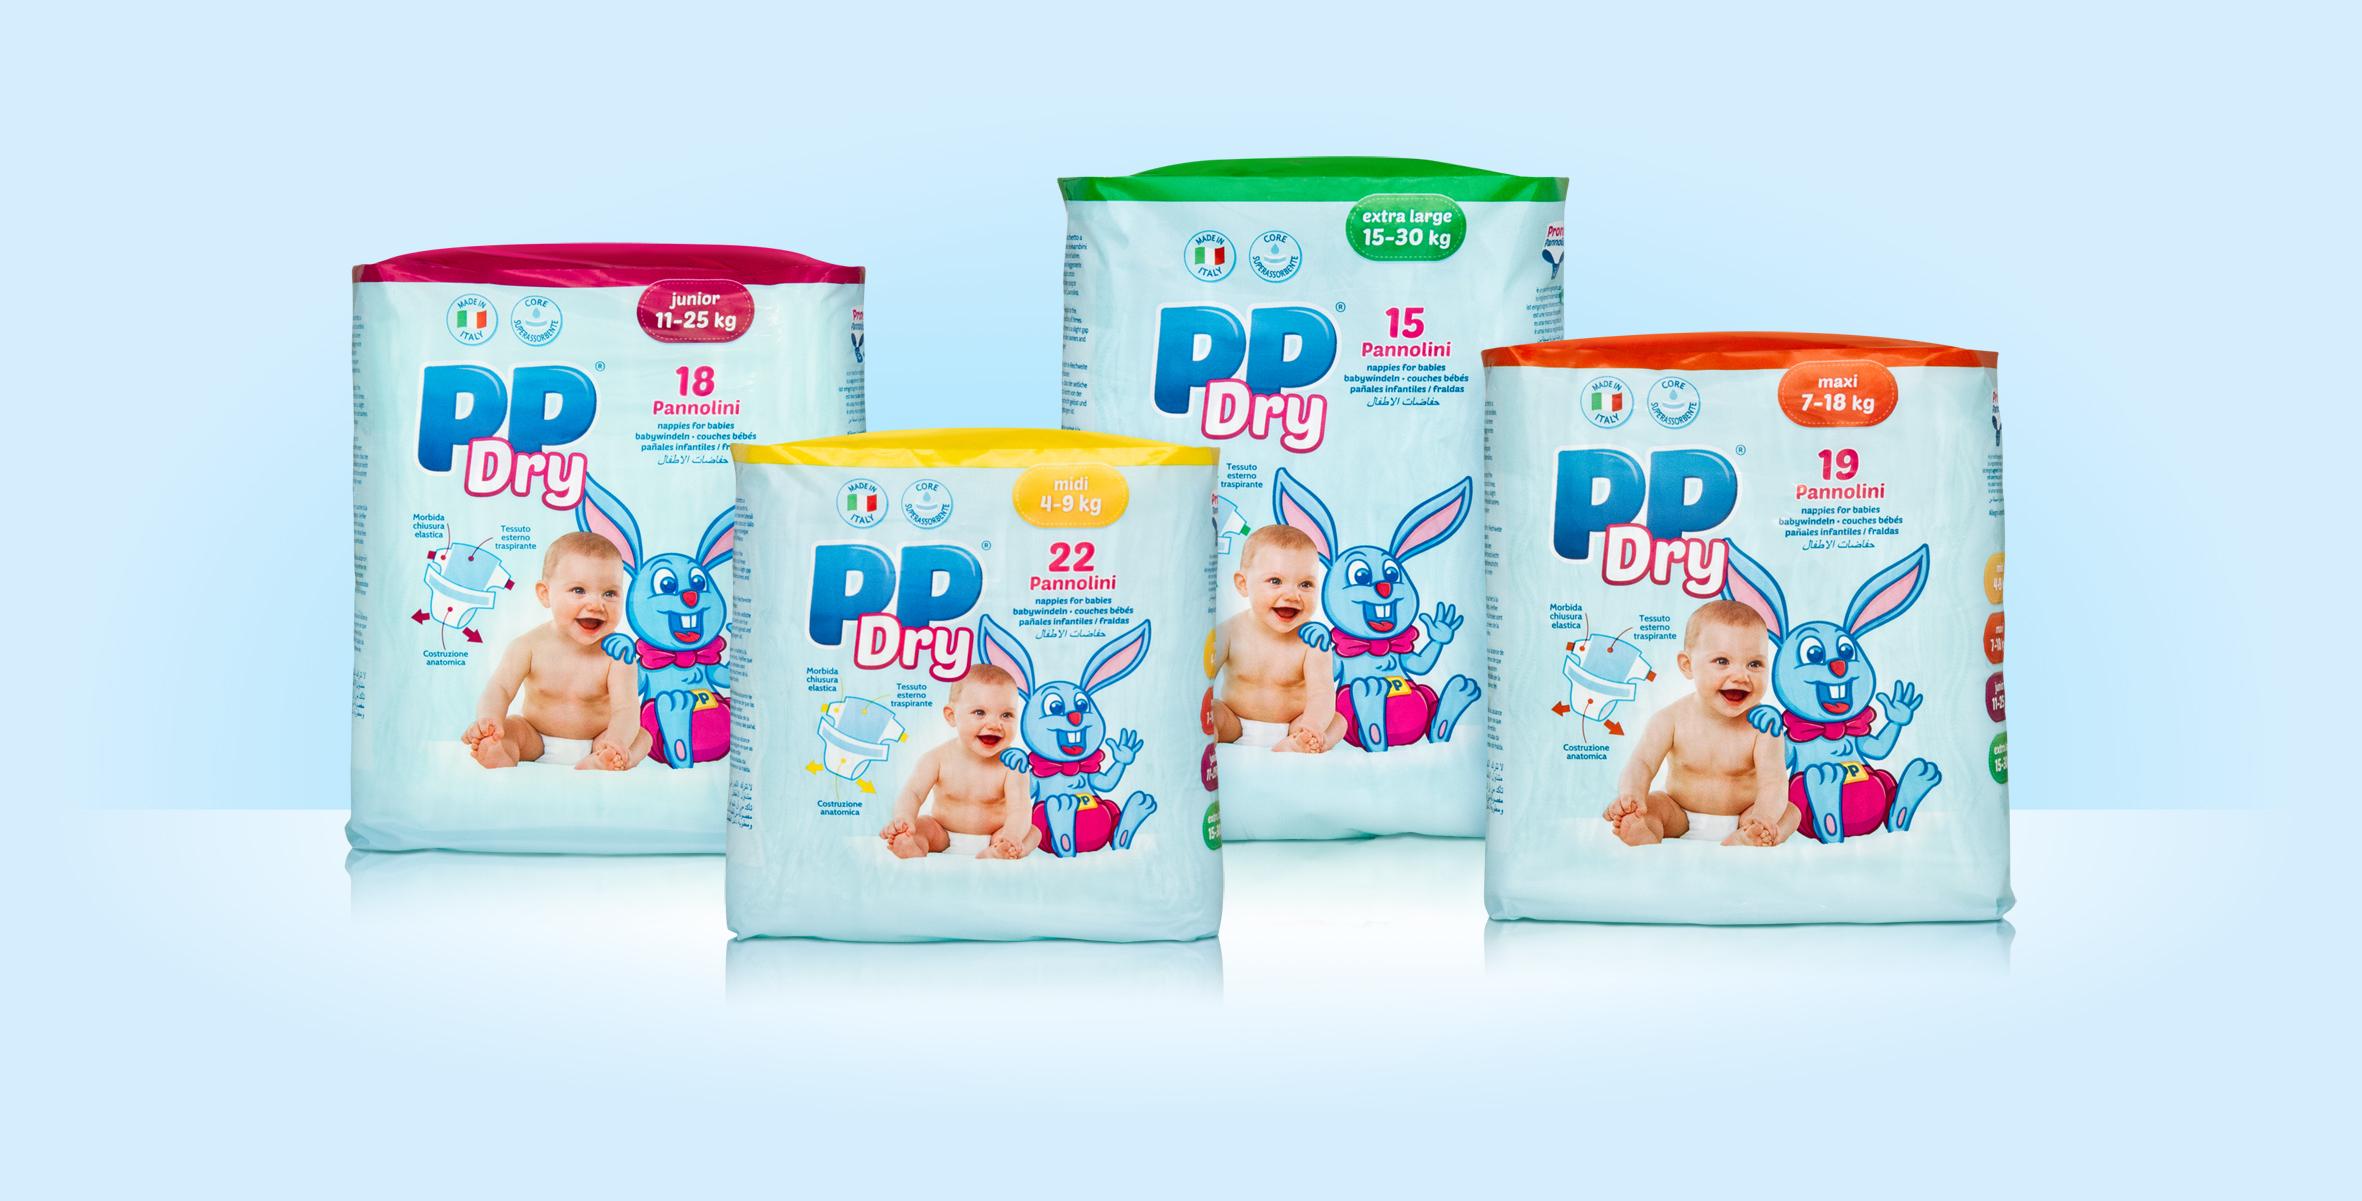 ppdry-packshot